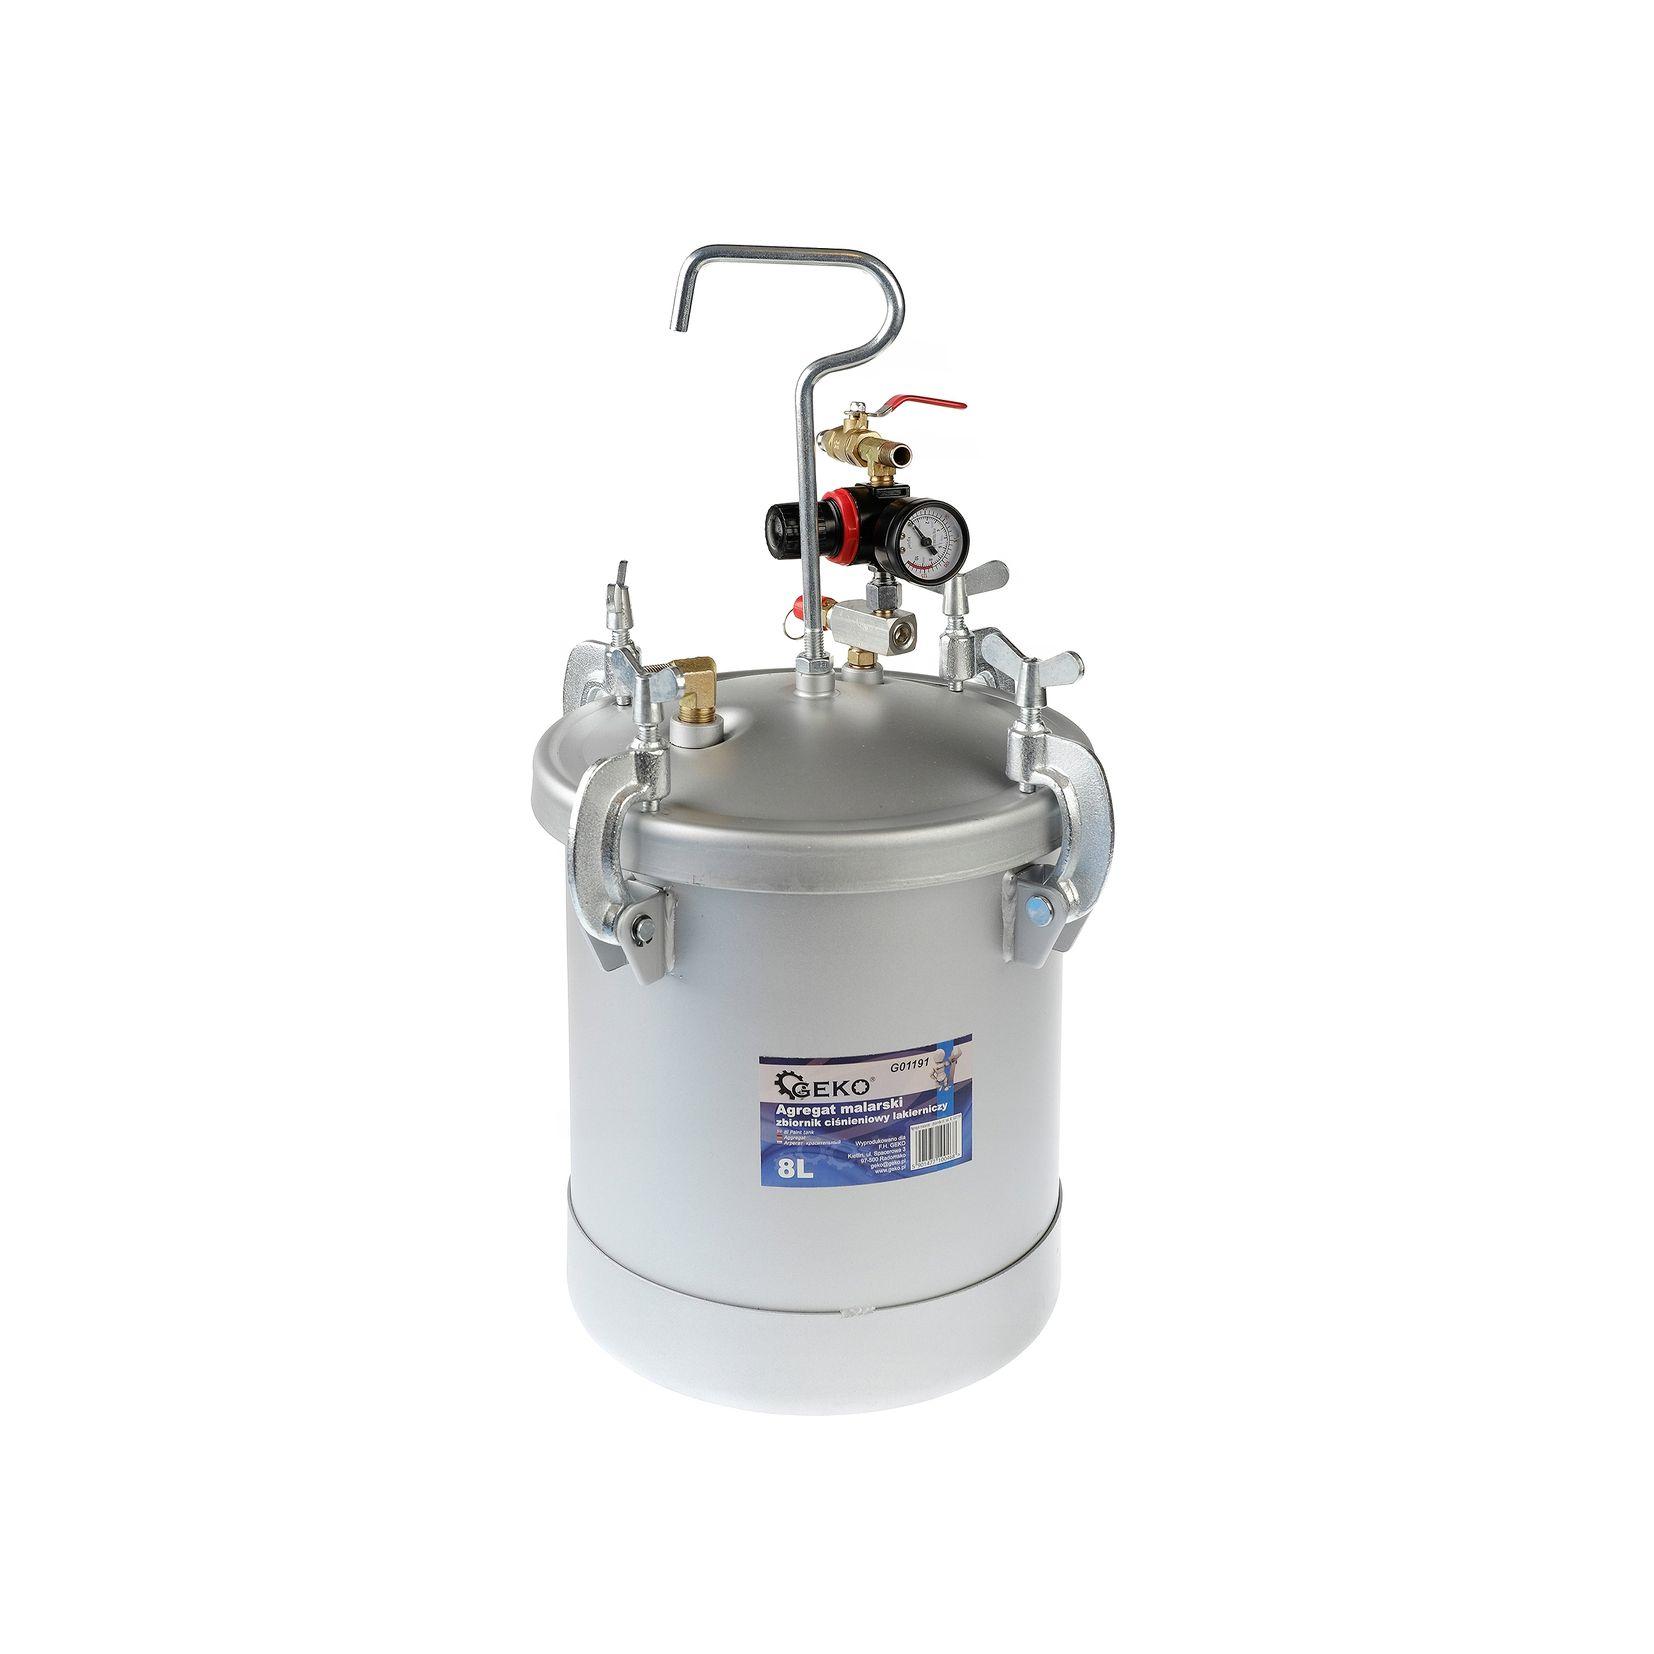 Agregat malarski- zbiornik lakierniczy ciśnieniowy 8l GEKO2